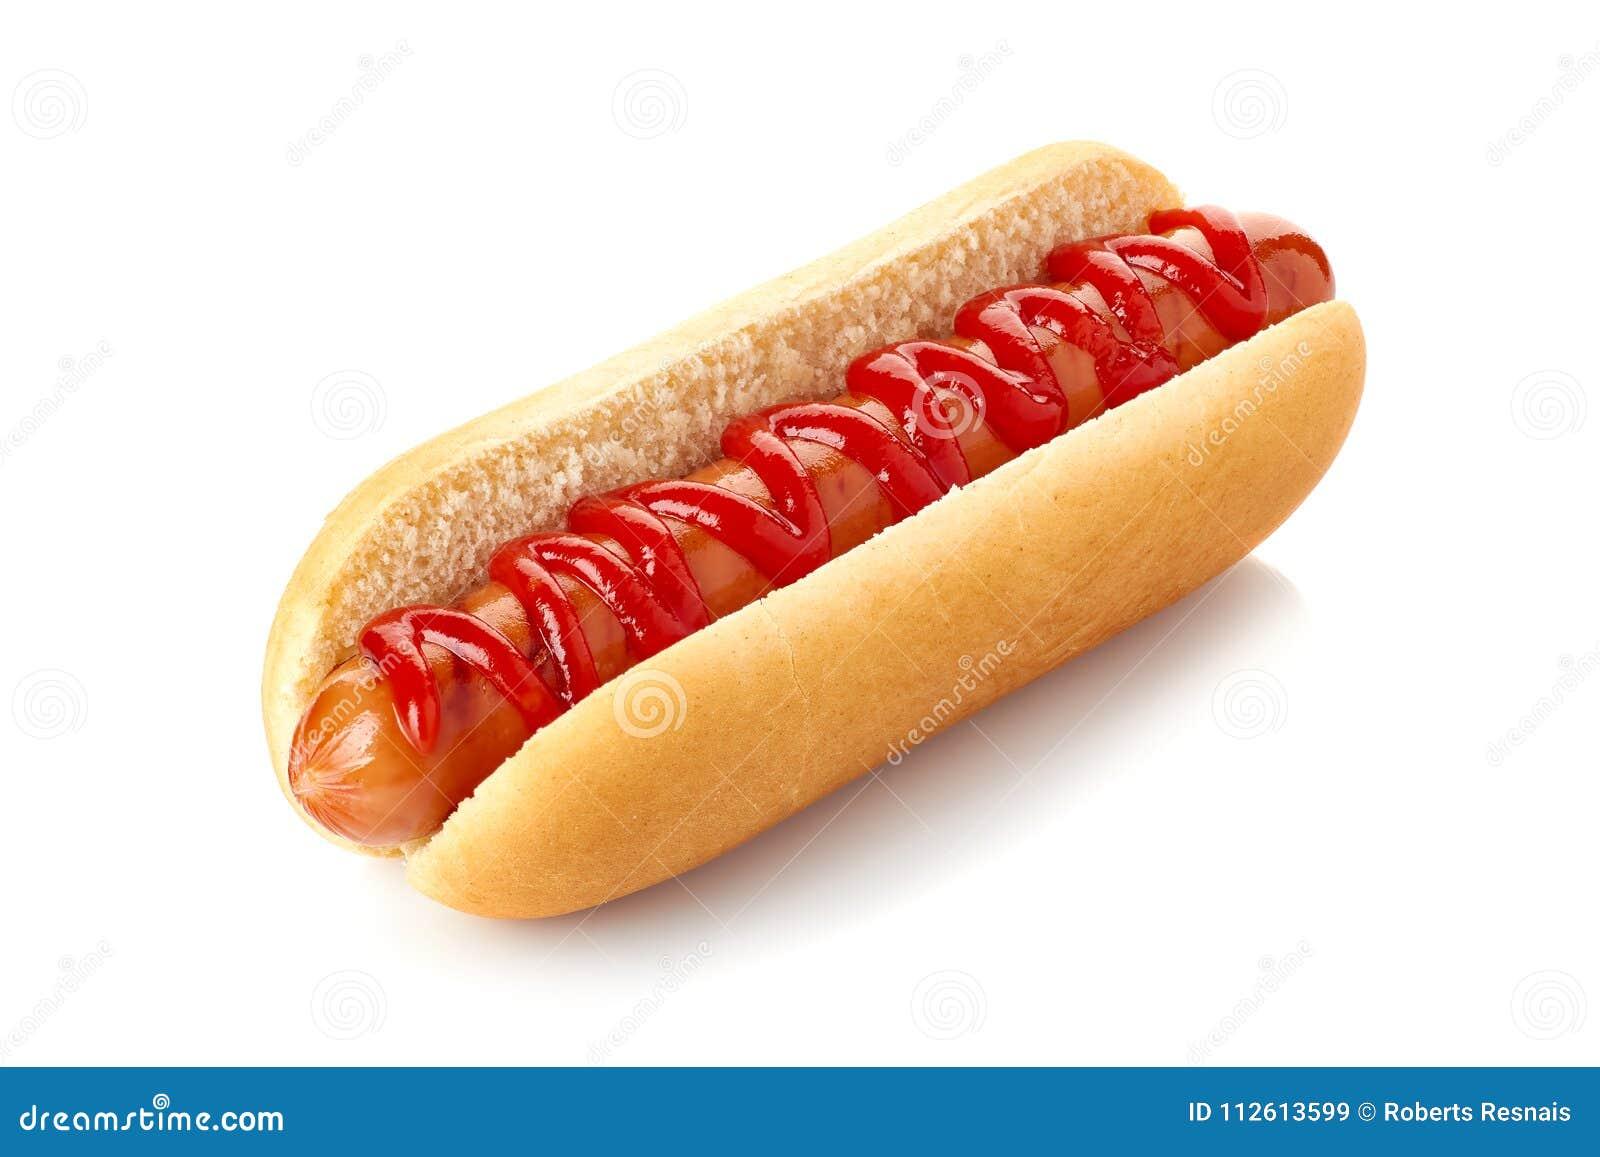 Hotdog mit Ketschup auf Weiß